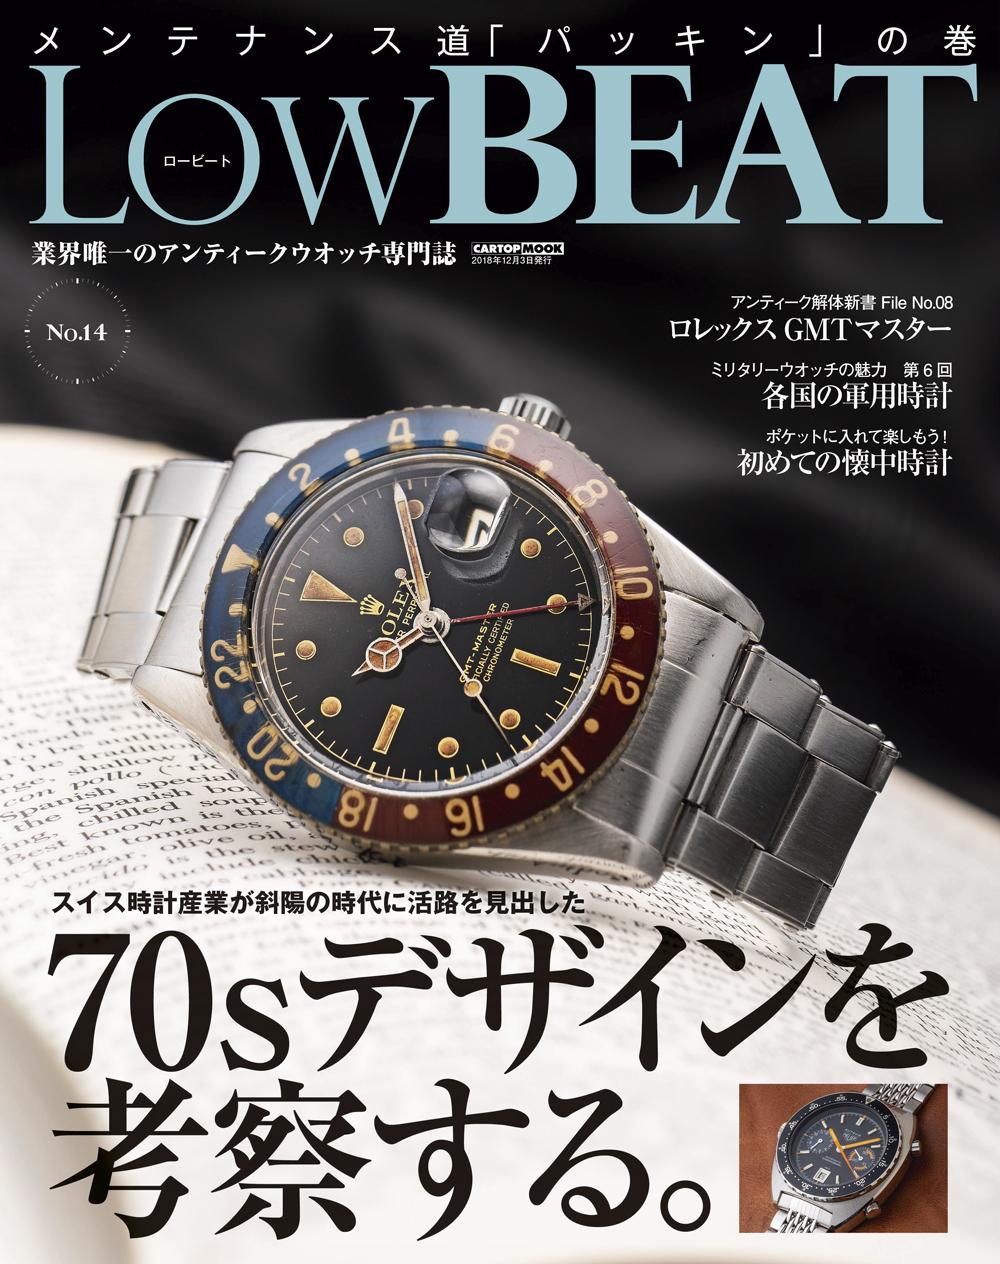 C's-Factory|電子書籍|LowBEAT No.14